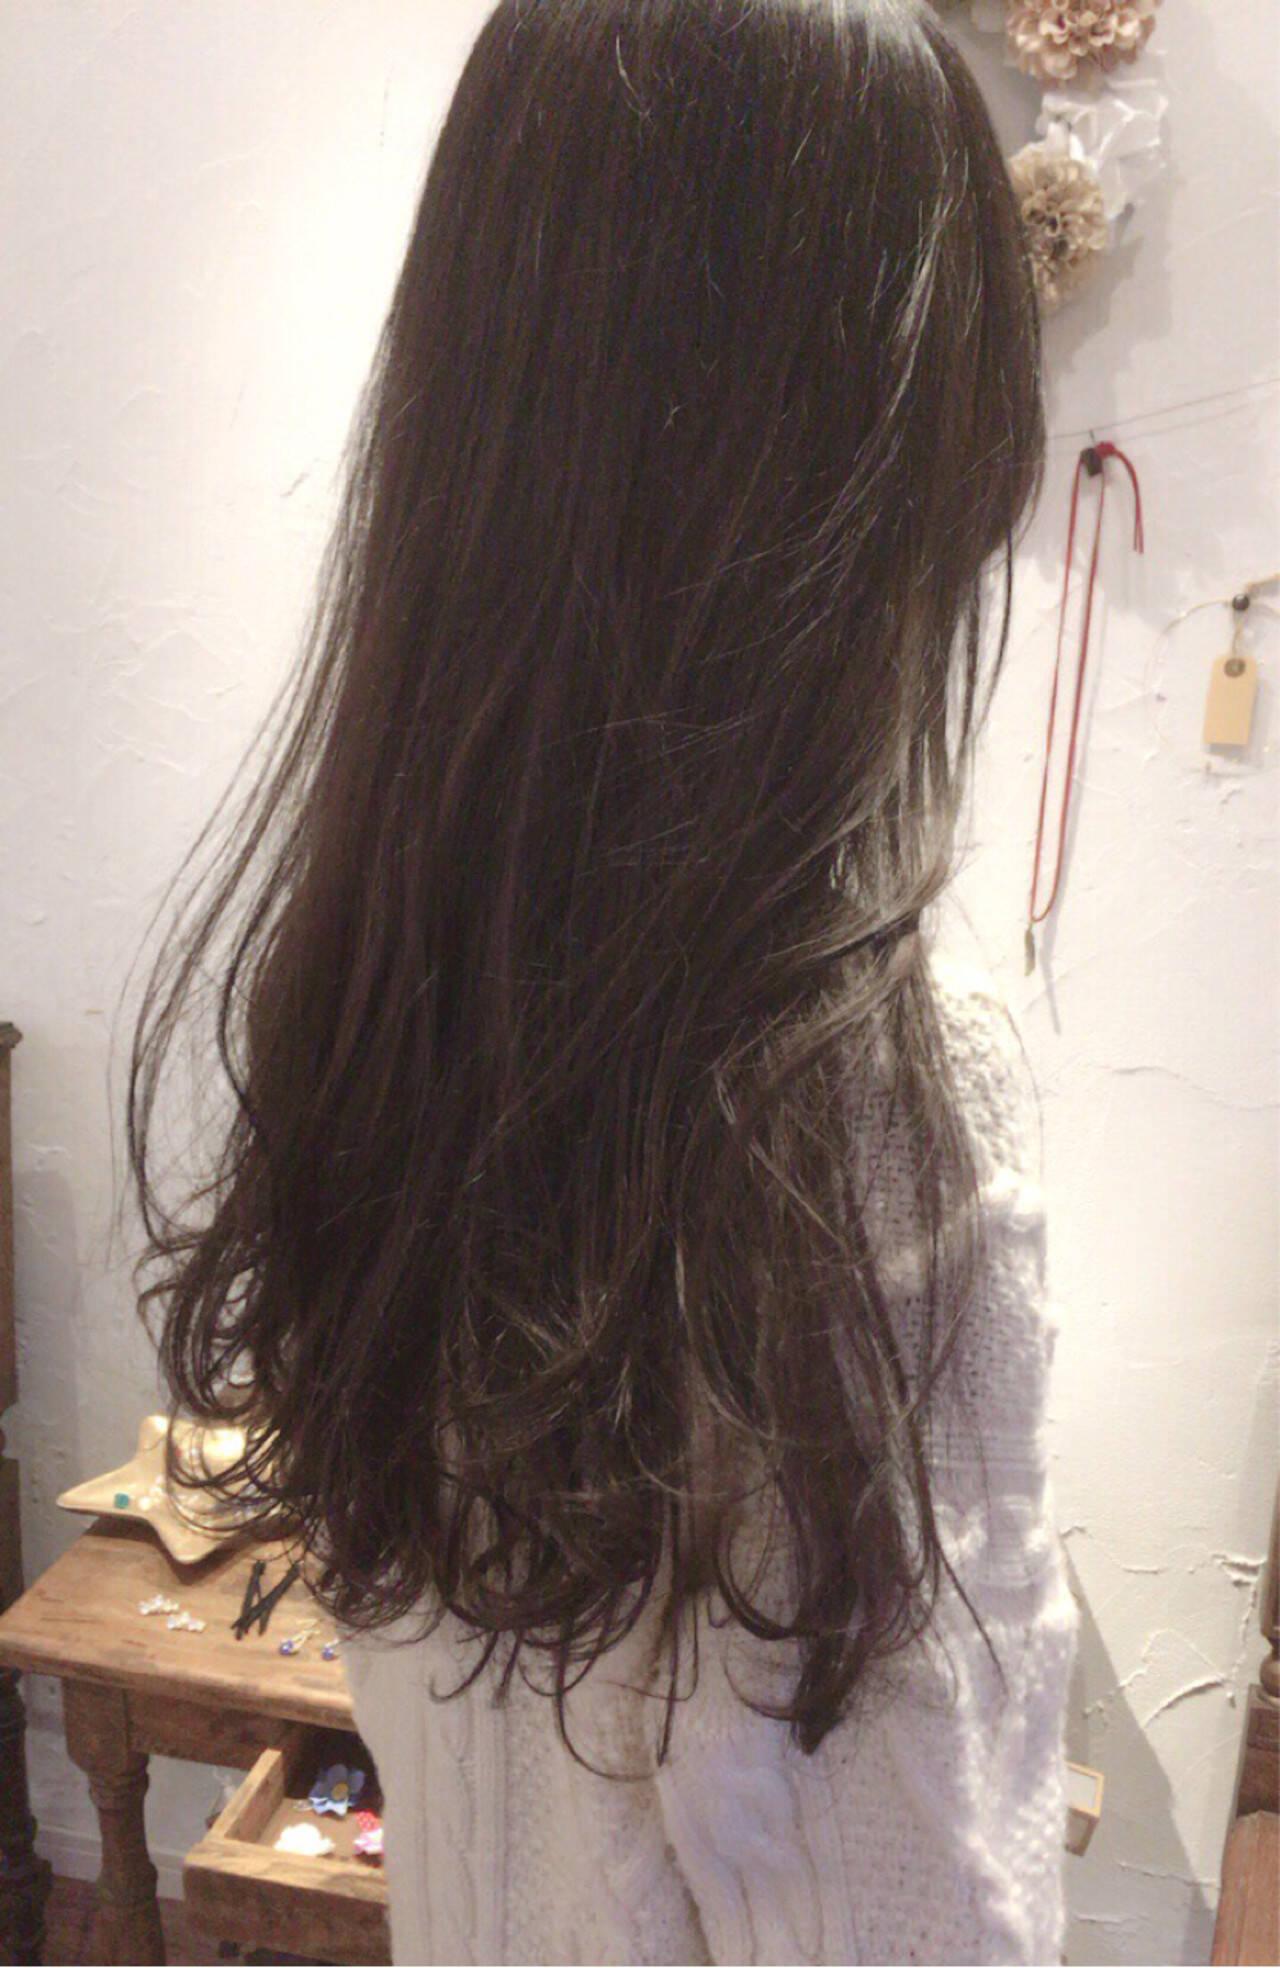 黒髪 アッシュ ナチュラル ハイライトヘアスタイルや髪型の写真・画像